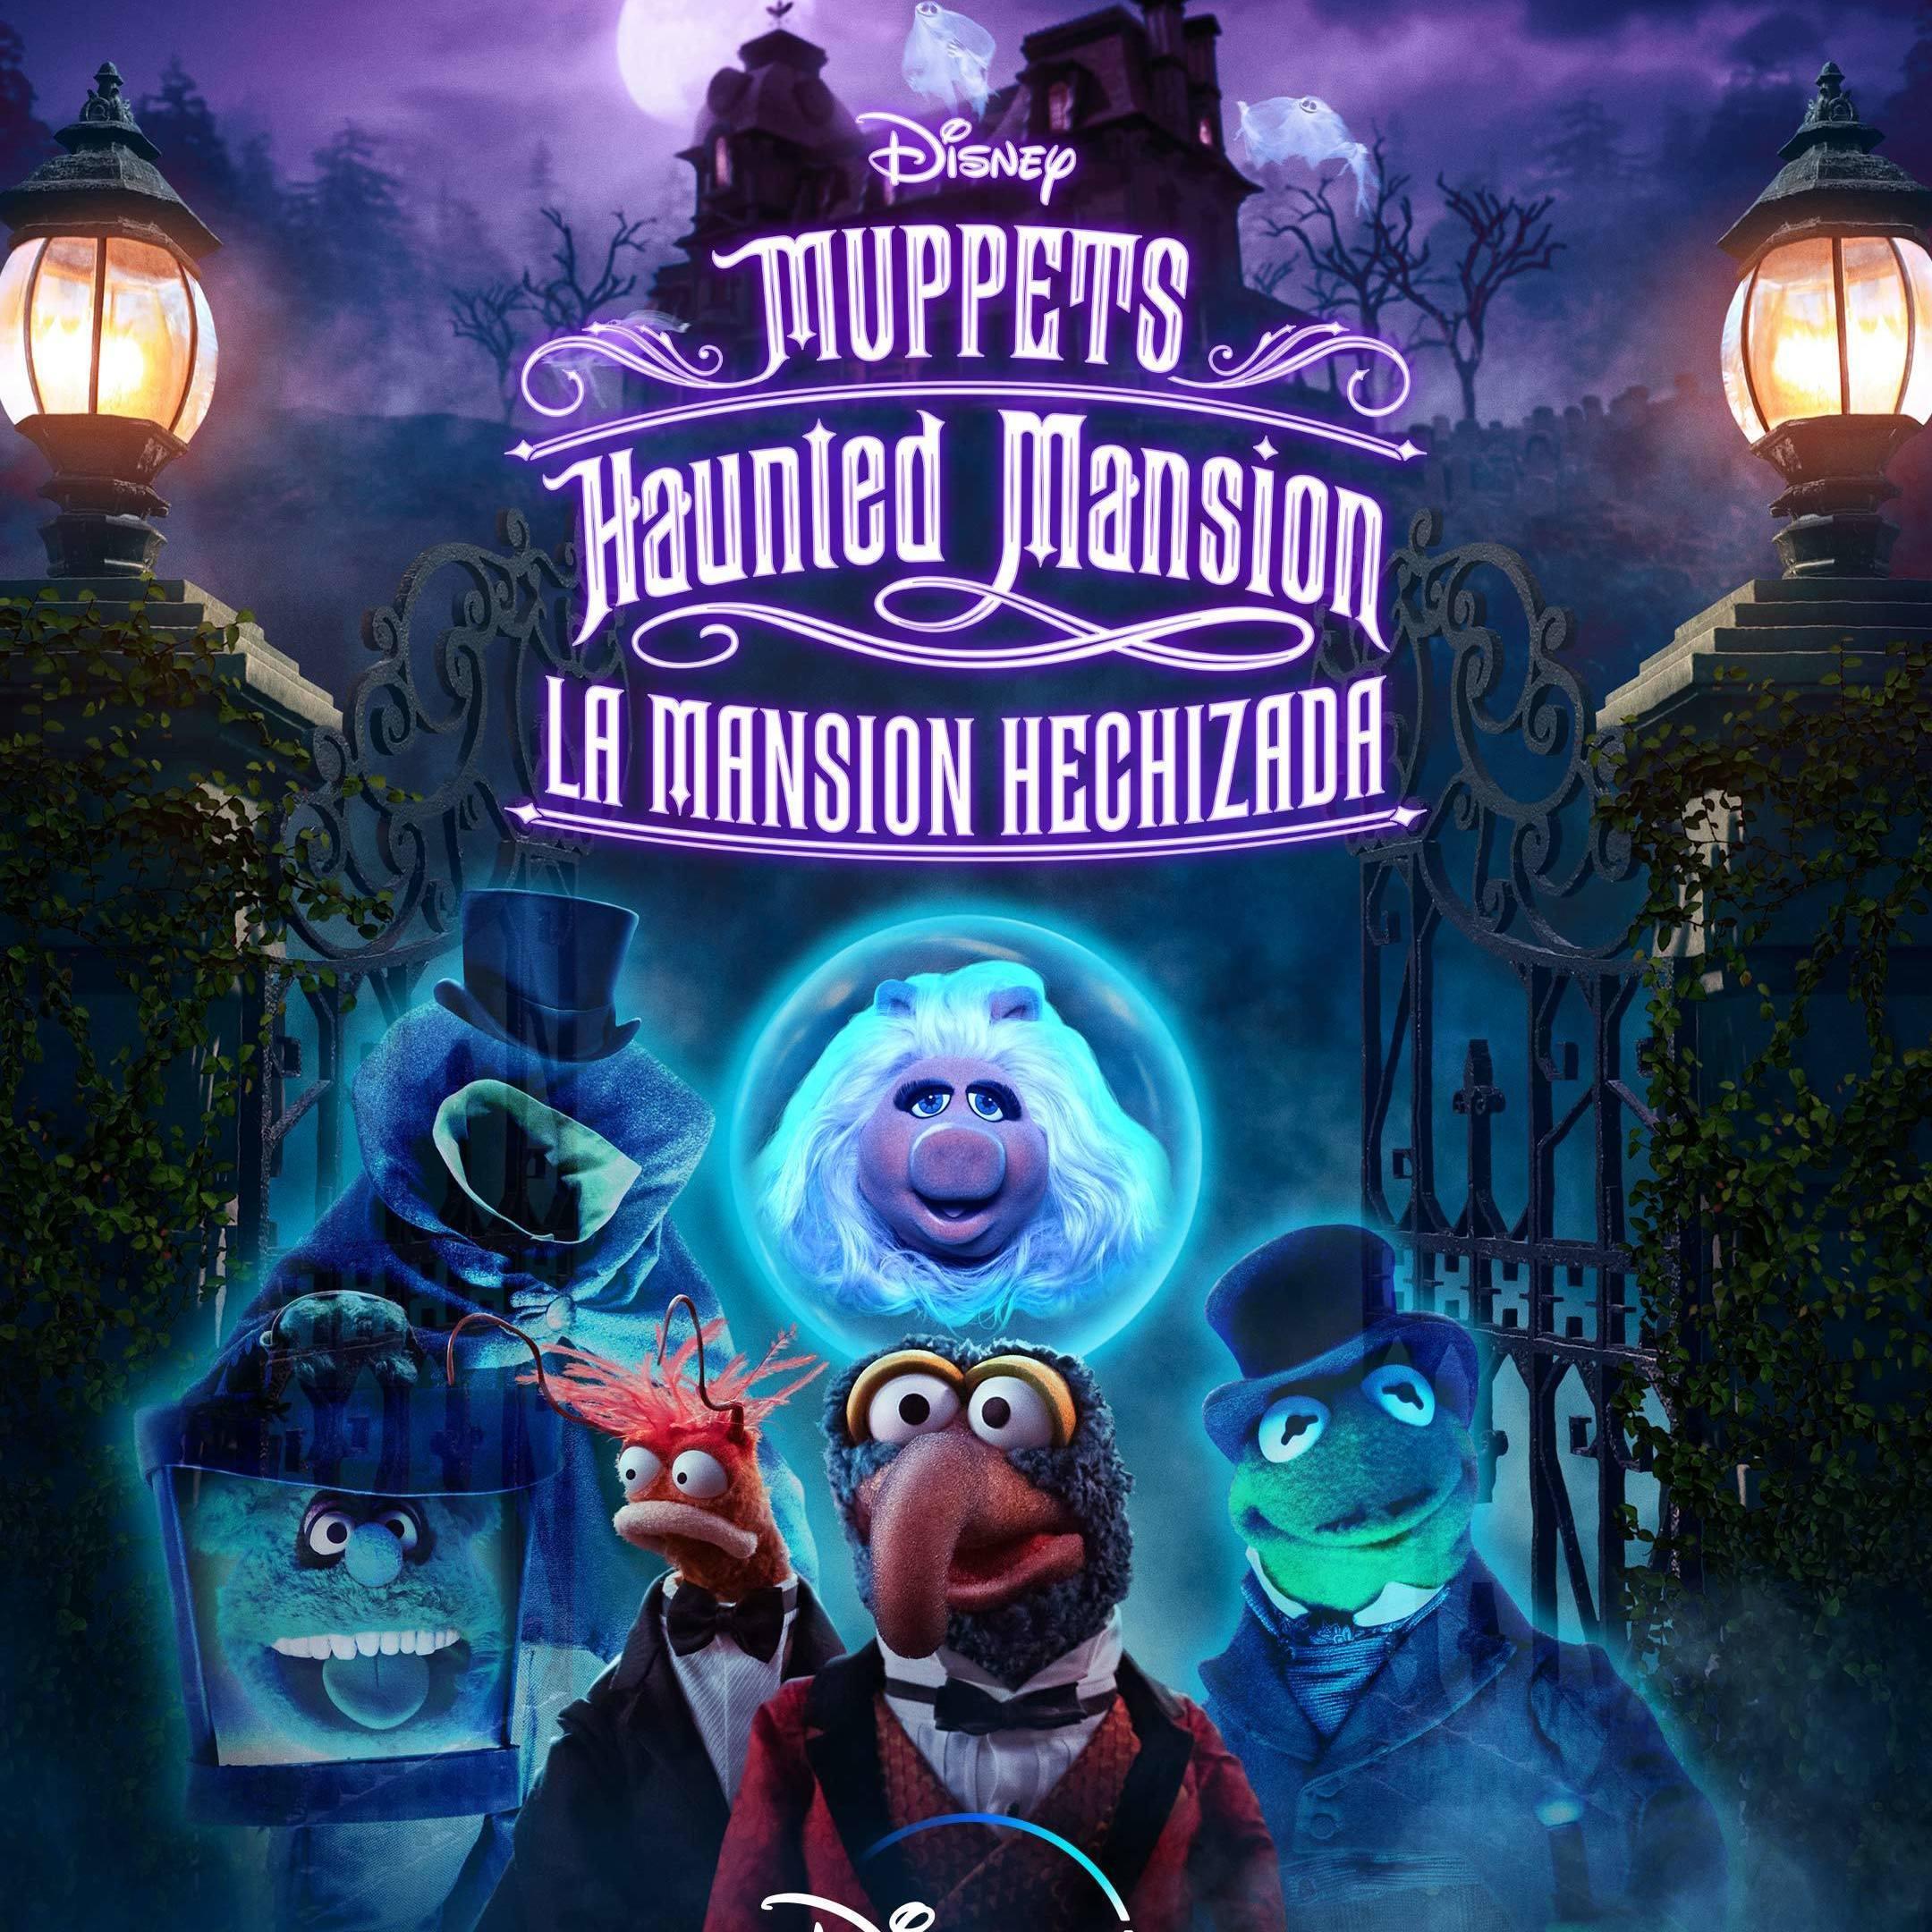 Qué ver en octubre en Disney+